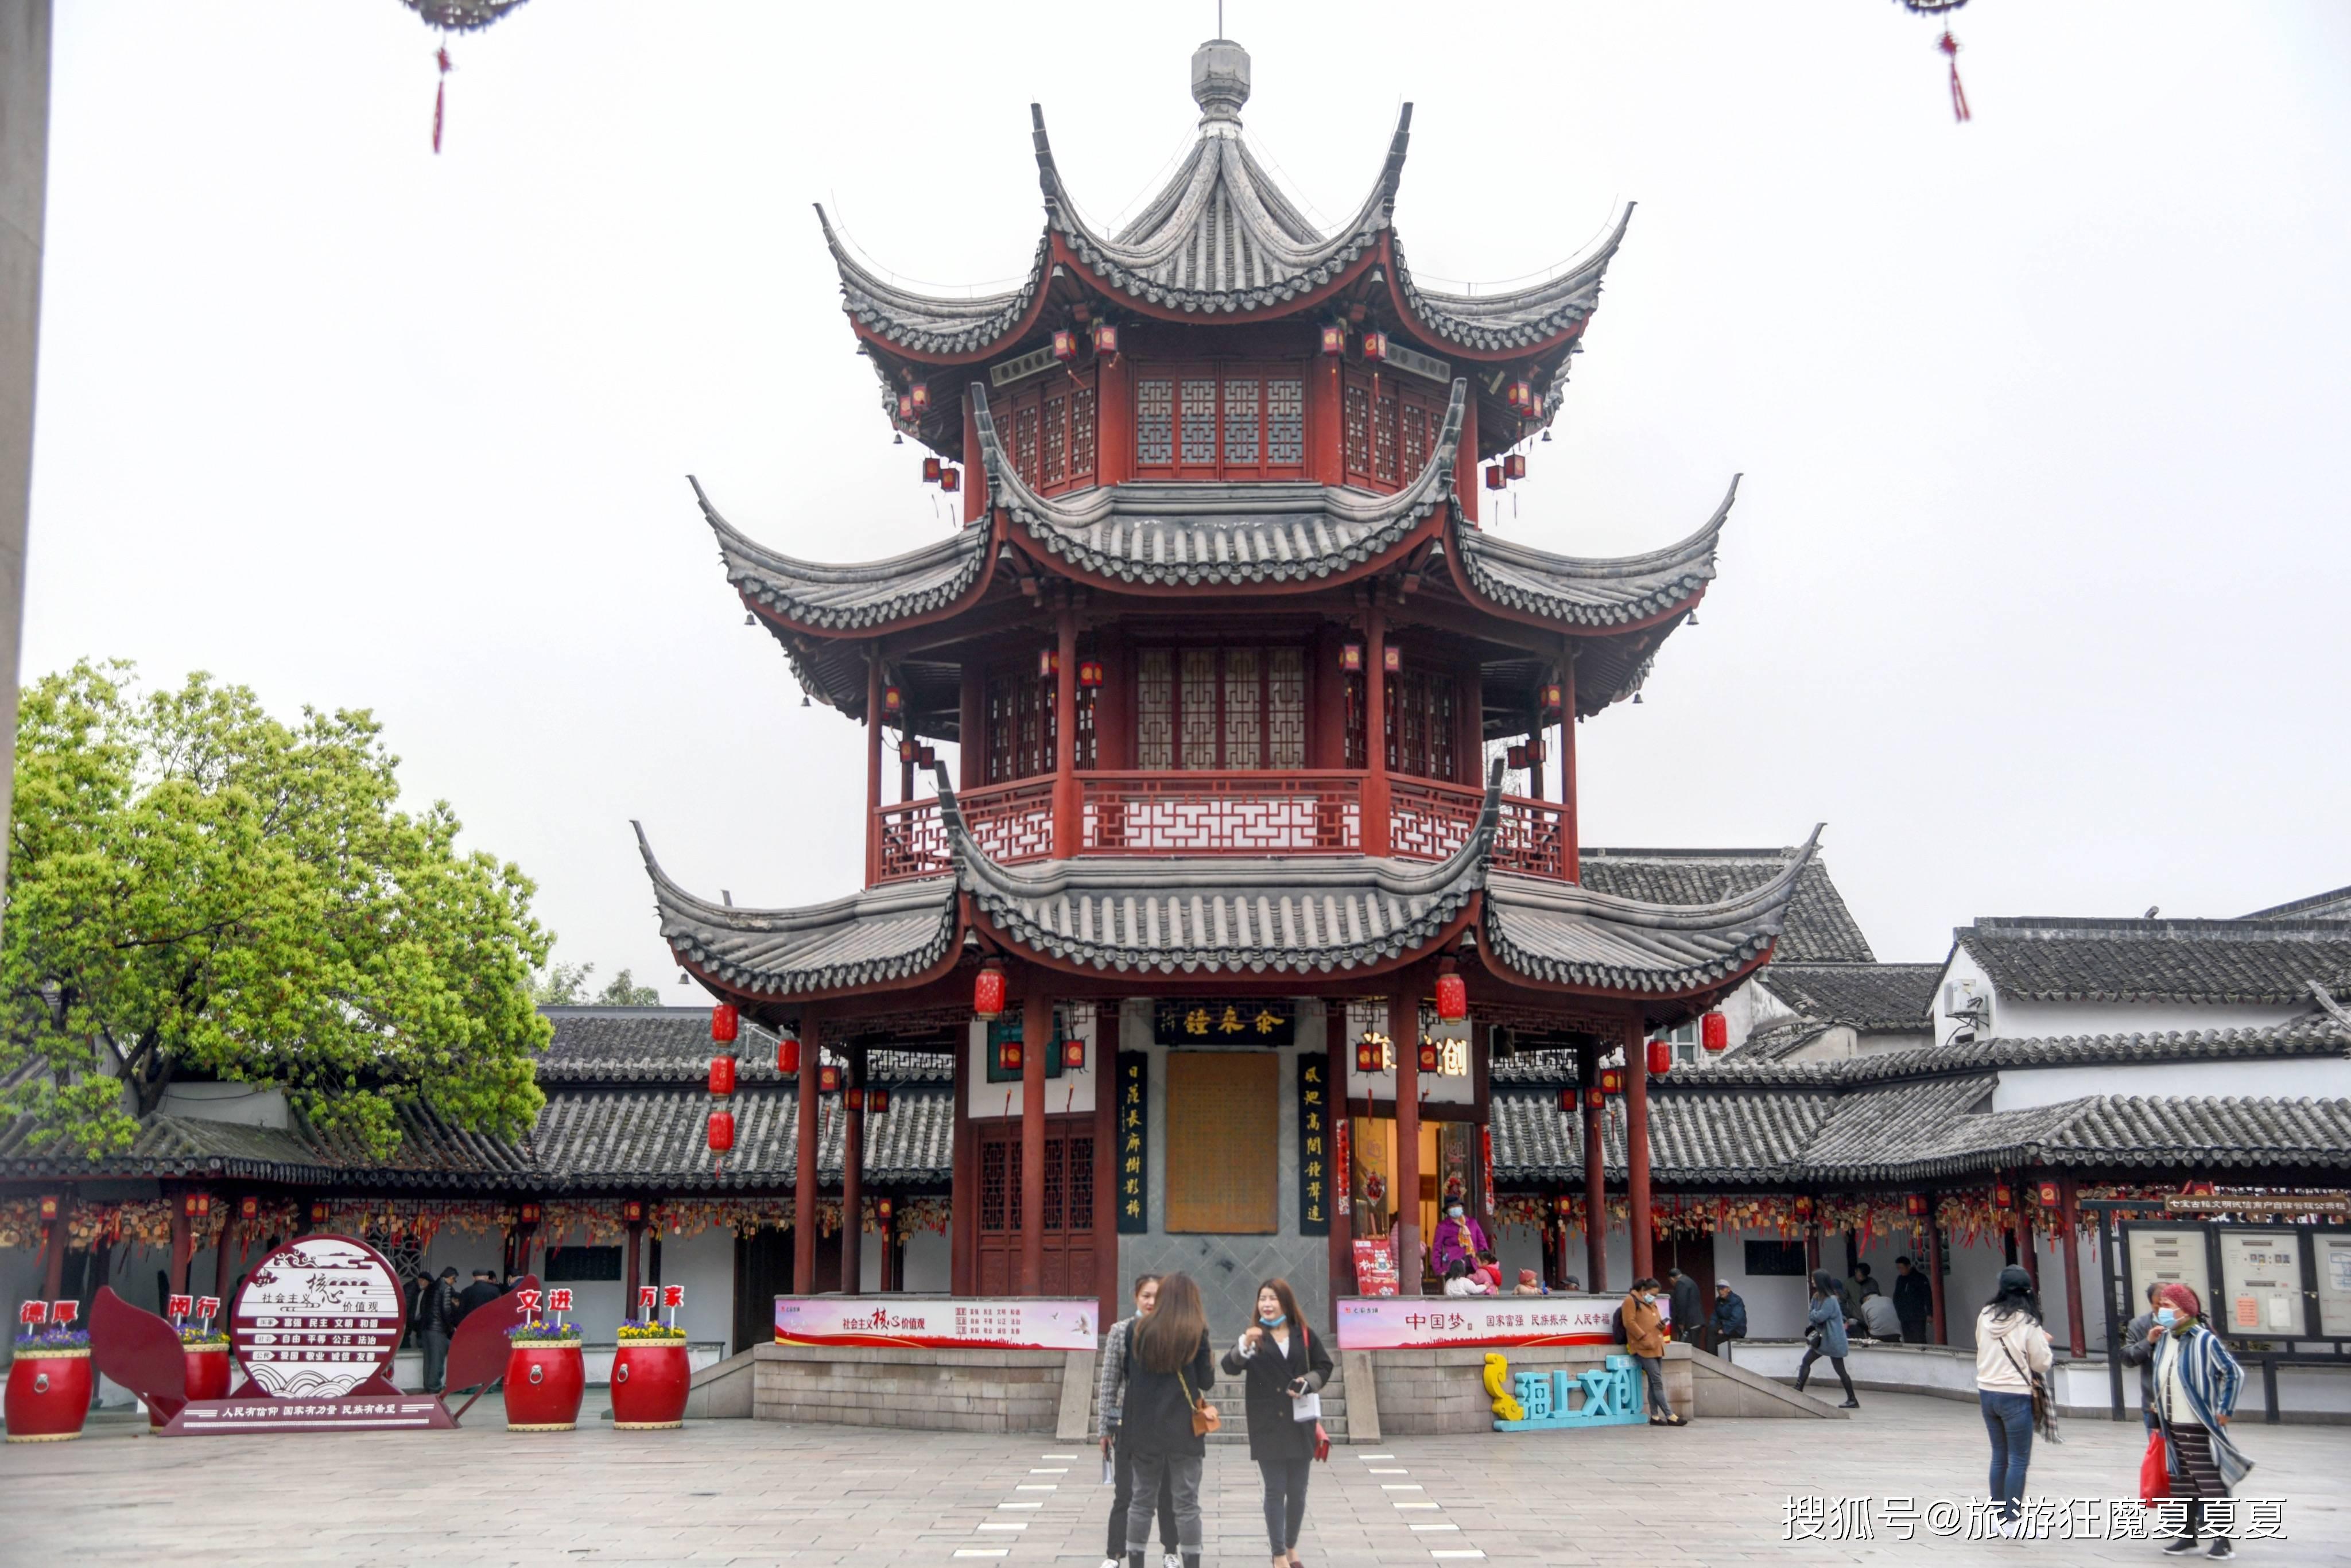 上海竟有景区只支持现金,历史悠久可追溯到晋朝,现已成恋爱胜地